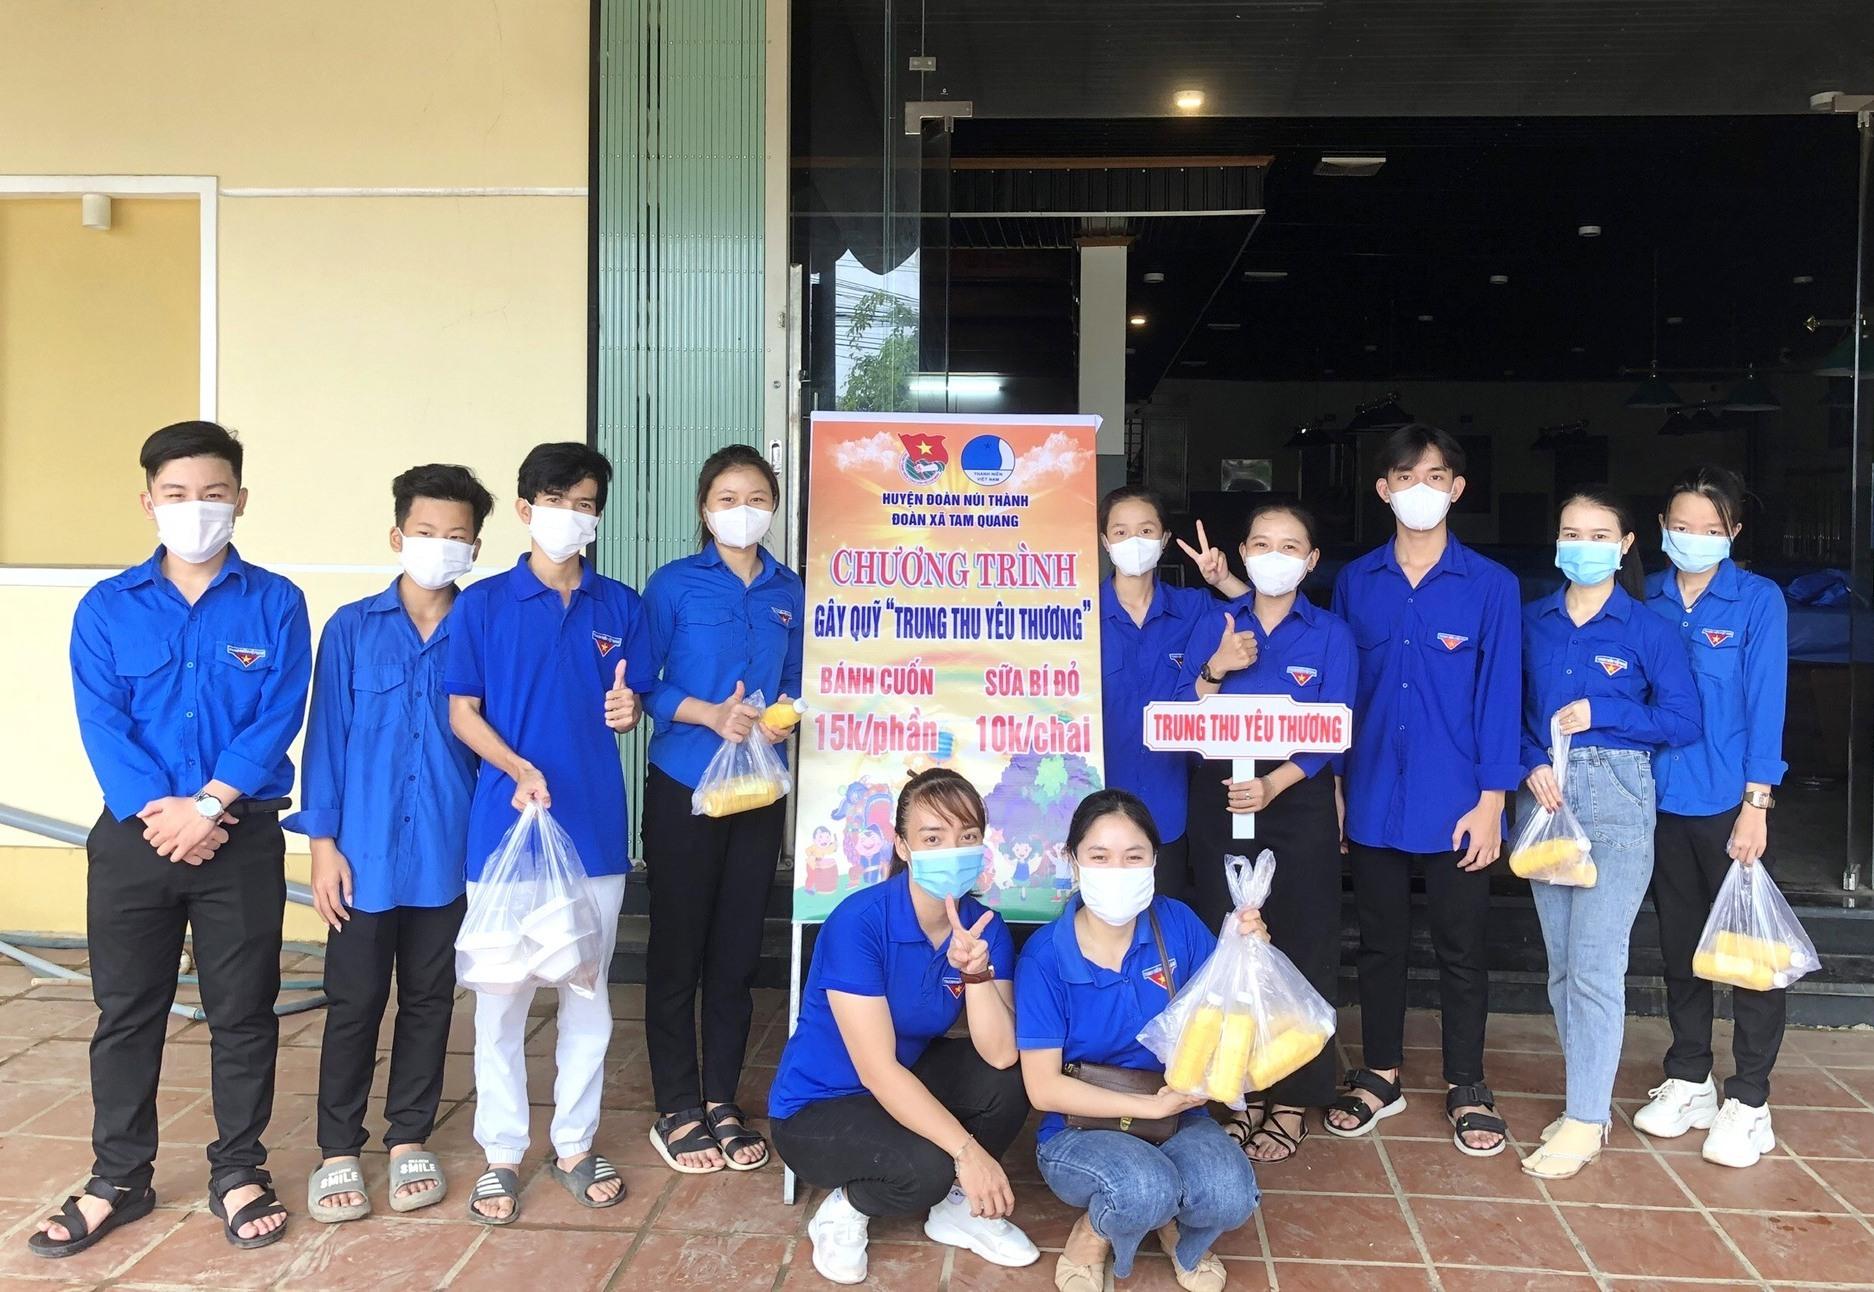 """Đoàn xã Tam Quang (huyện Núi Thành) tiếp tục chương trình bán hàng gây quỹ """"Trung thu yêu thương"""".Ảnh: THÁI CƯỜNG"""